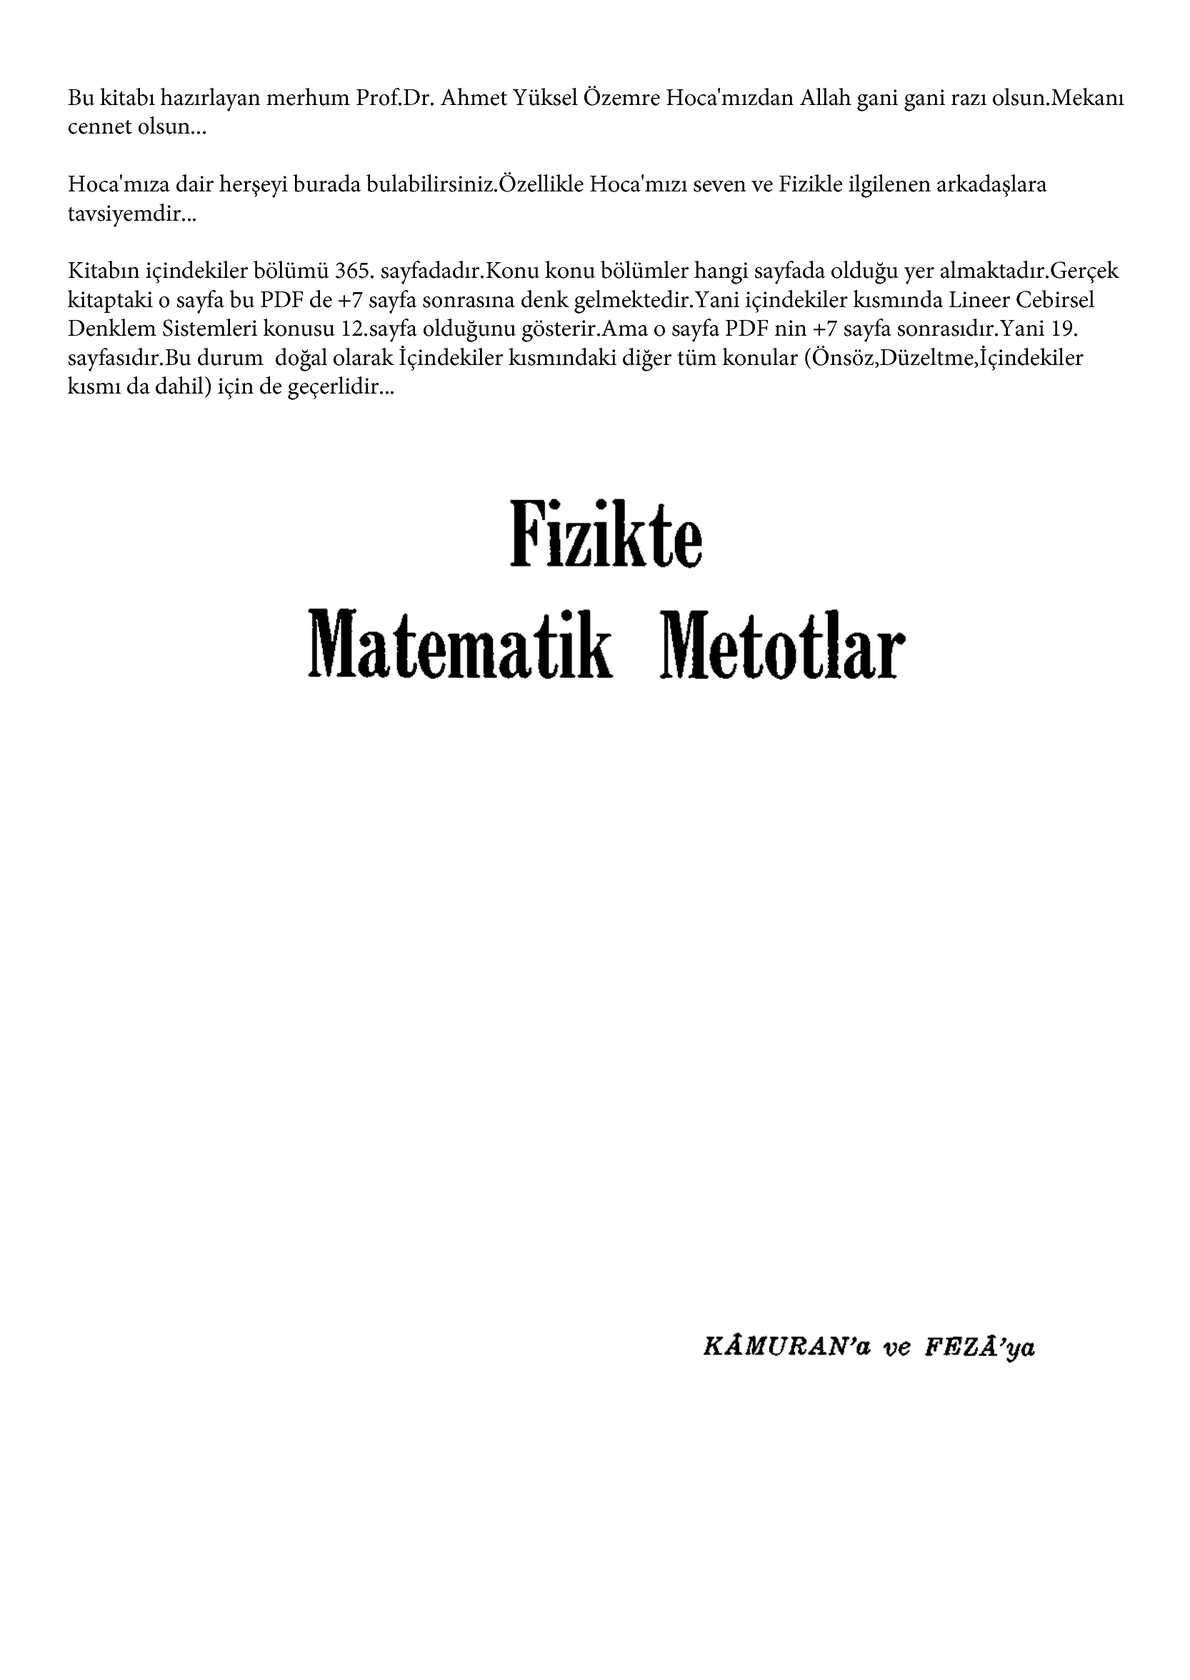 Fizik'te Matematik Metodları - Prof.Dr. Ahmet Yüksel Özemre